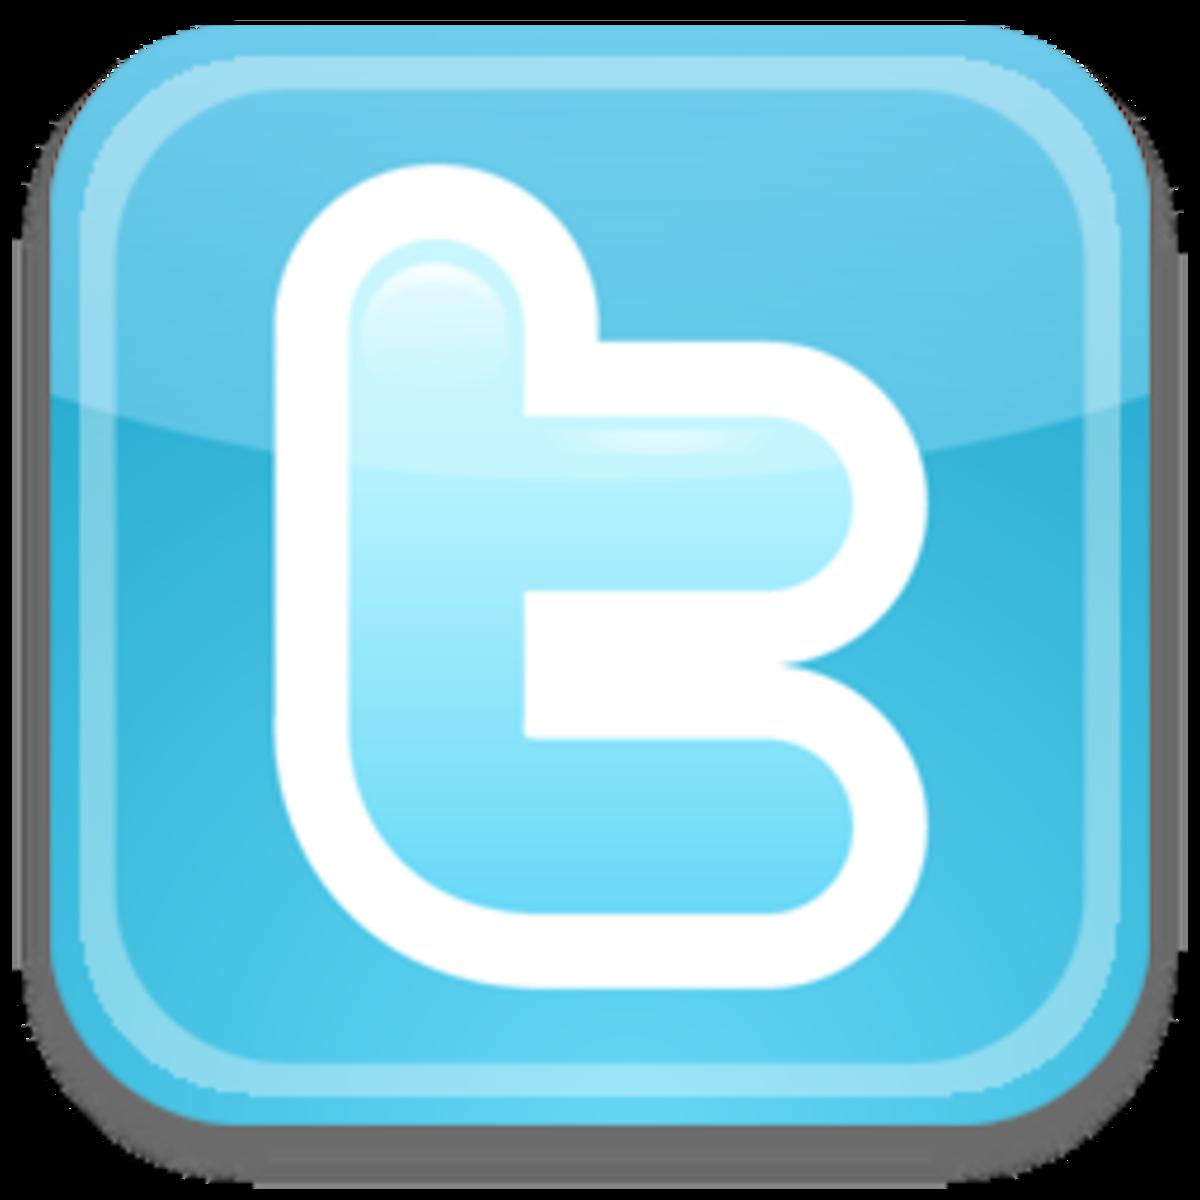 twitter-button4